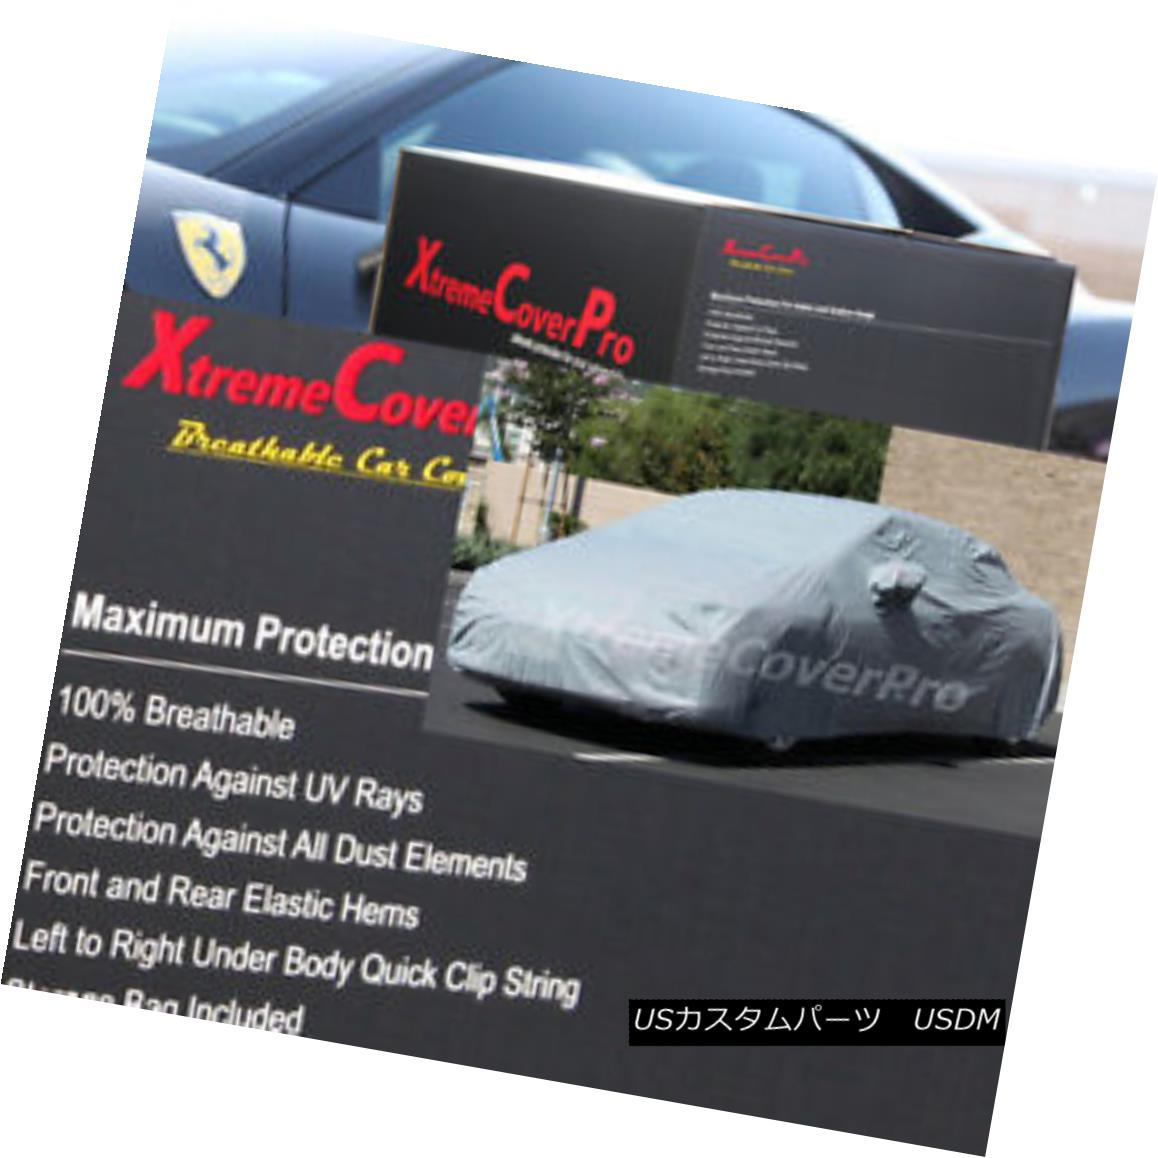 カーカバー 2001 2002 2003 2004 2005 2006 Dodge Stratus Breathable Car Cover w/MirrorPocket 2001年2002年2003年2004年2005年2006年Dodge Stratus通気性車カバー付き/ MirrorPocket